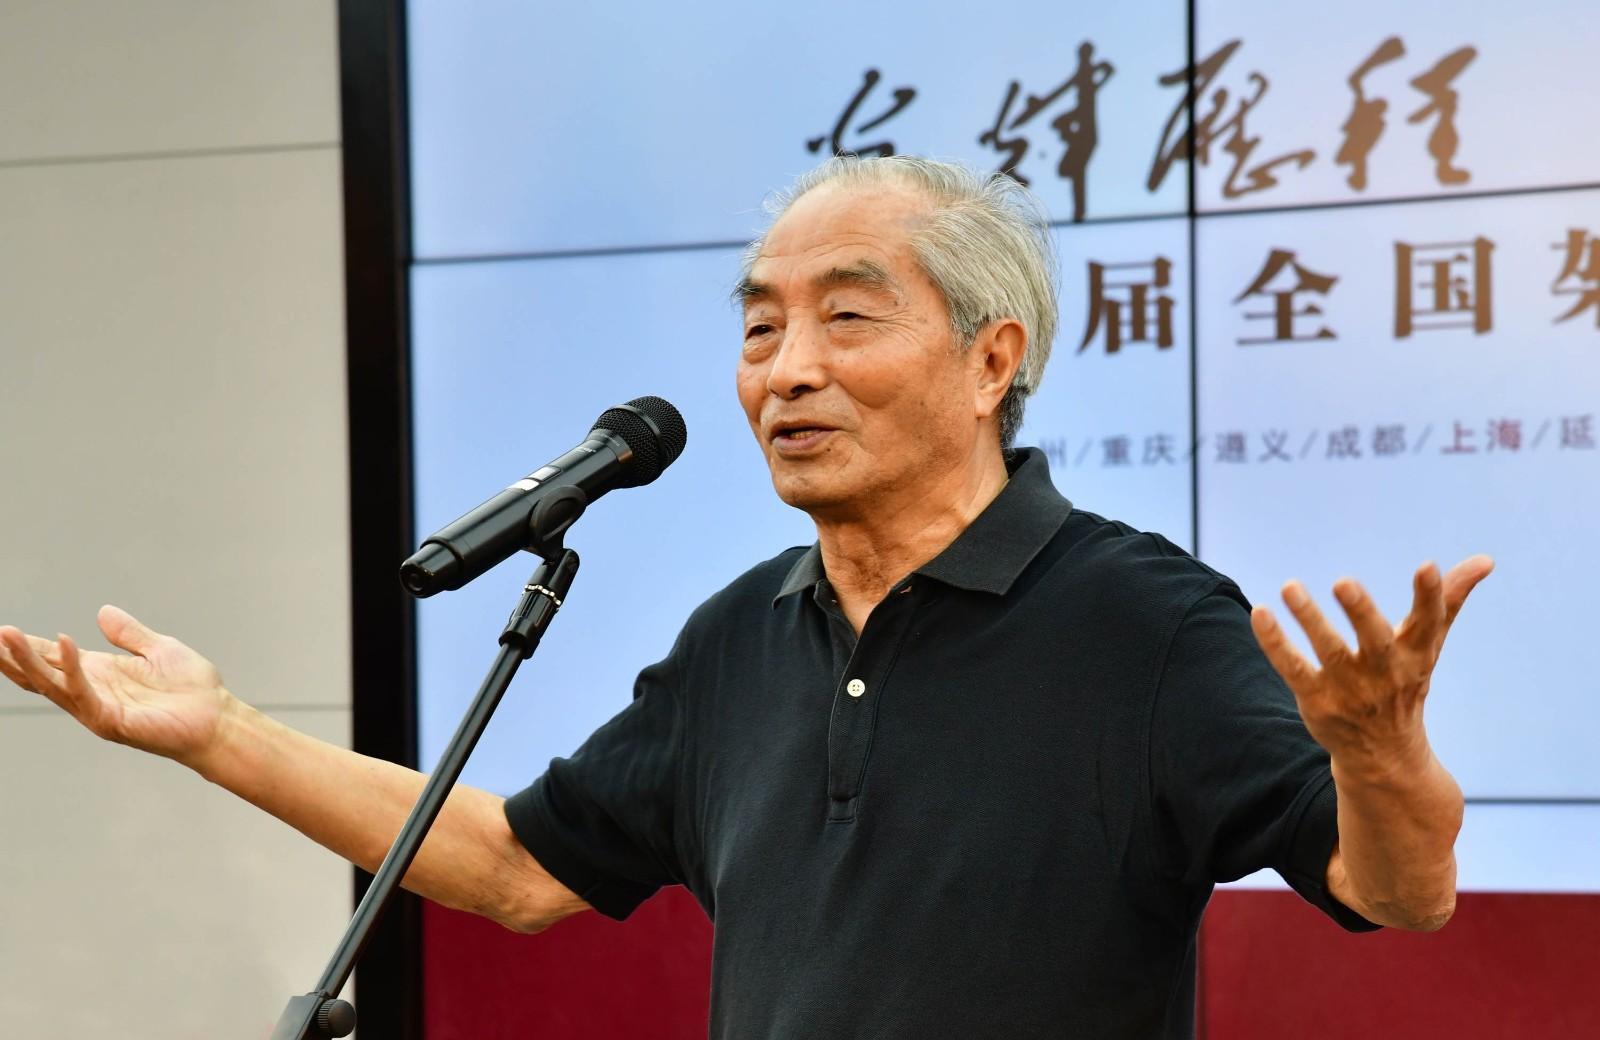 5 上海民盟书画院院长汪观清致辞.jpg